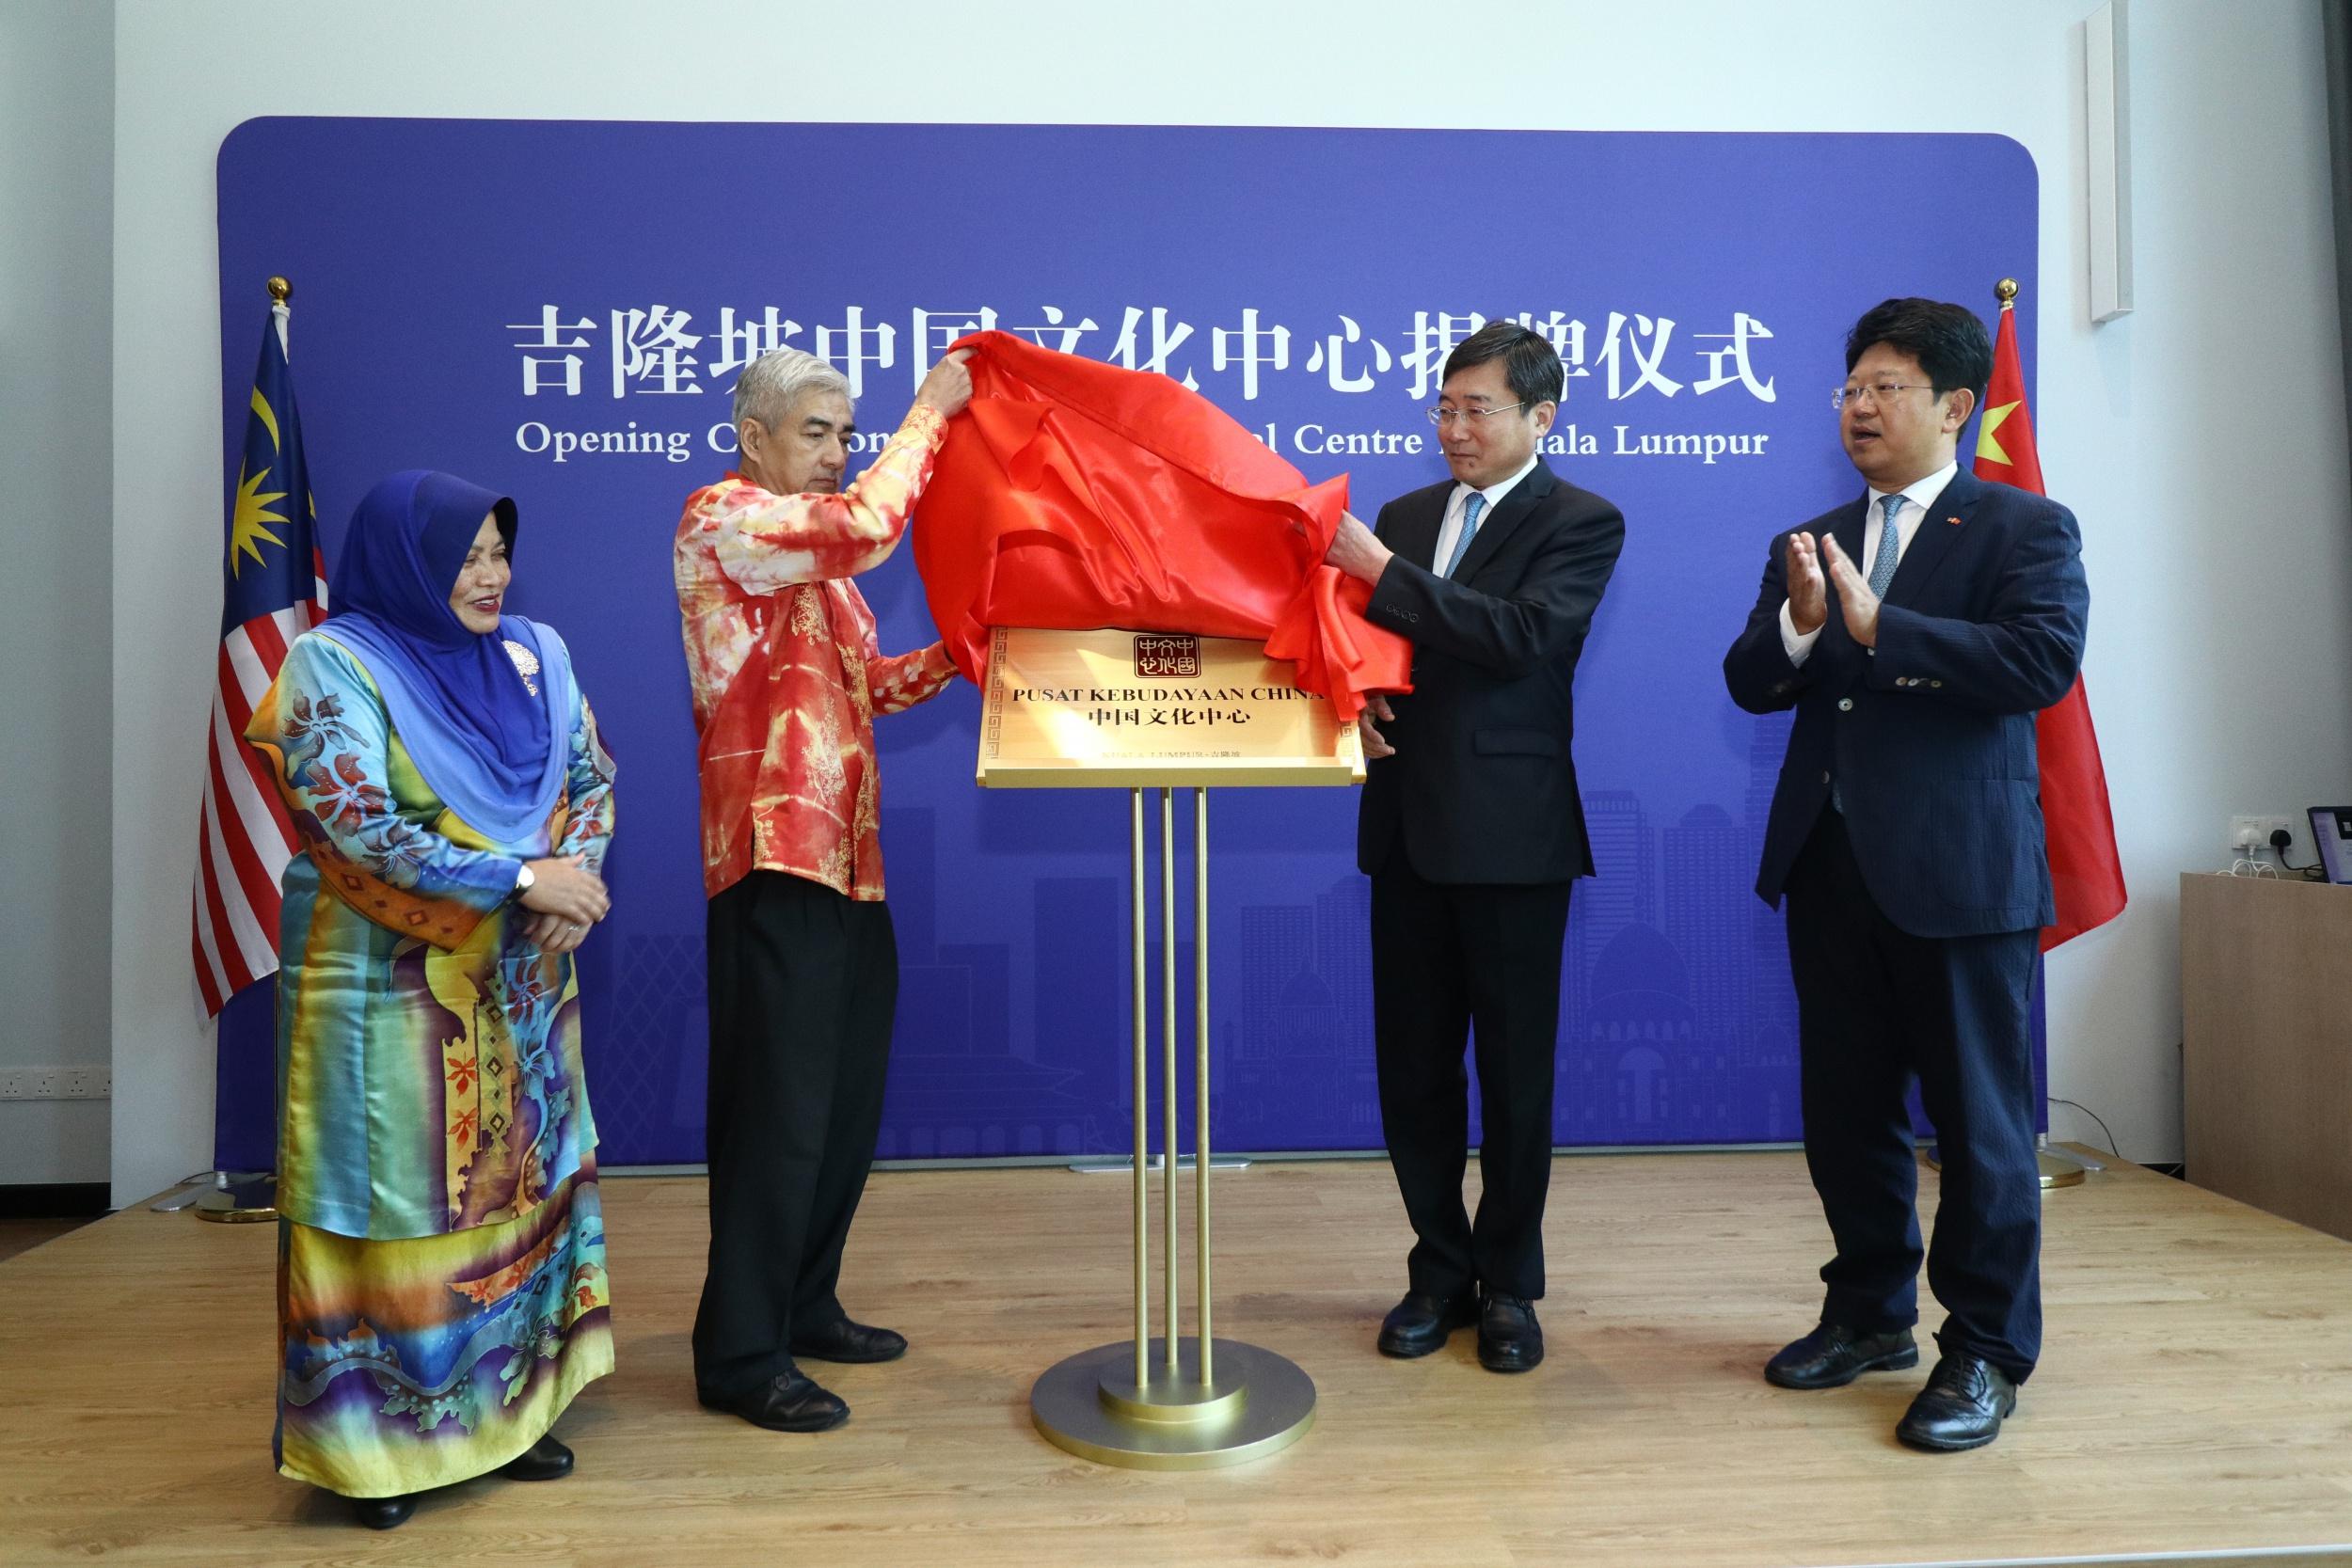 吉隆坡中国文化中心举行揭牌仪式